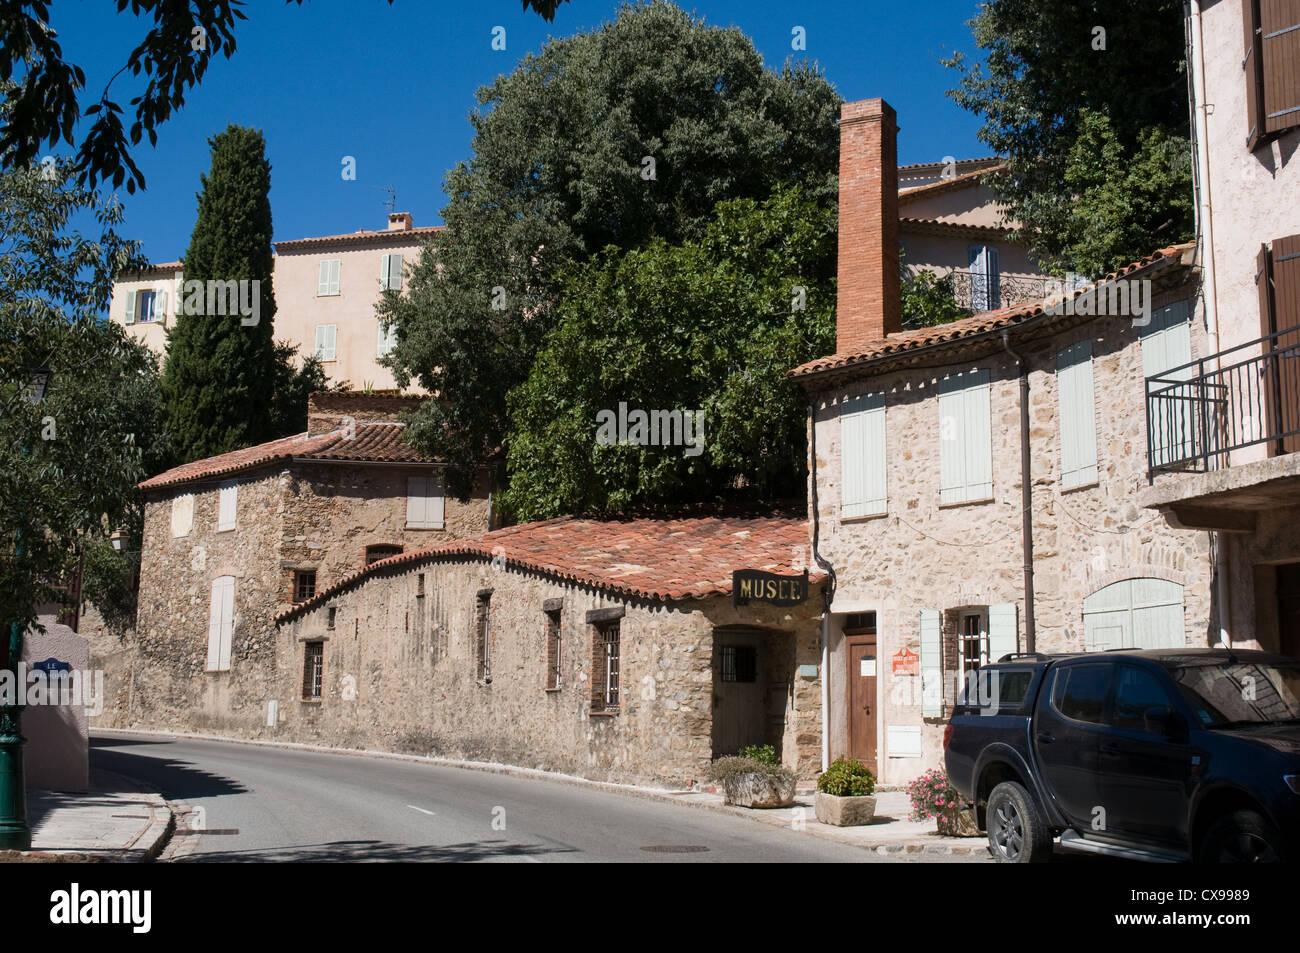 El Musée des Arts et Traditions Populaires en la ladera de la colina pueblo de Grimaud situado en el sur de Imagen De Stock